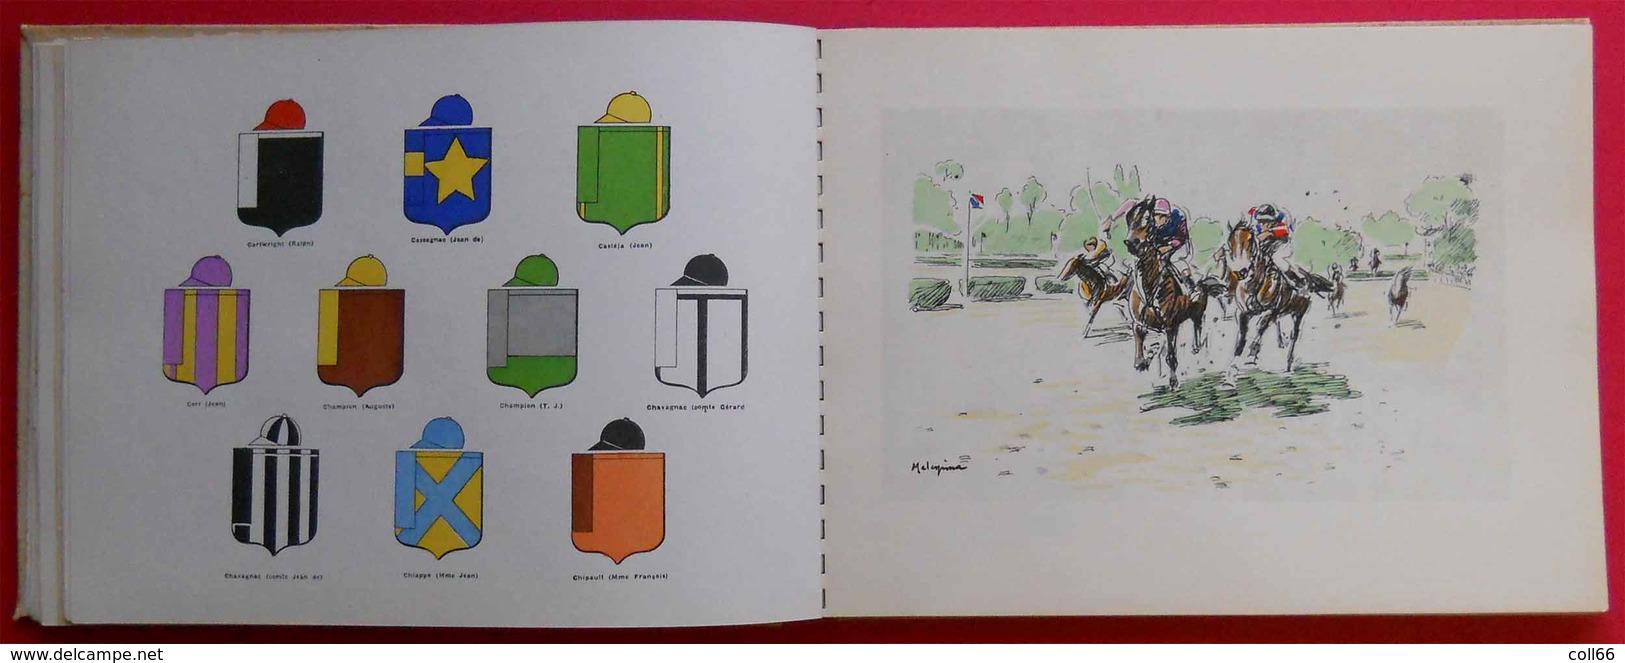 1936 Le Livre D'or Du Gala Des Courses Casaques Colorisées Illustrations Malespina PUB Renault Latécoère Air France Etc. - Livres, BD, Revues